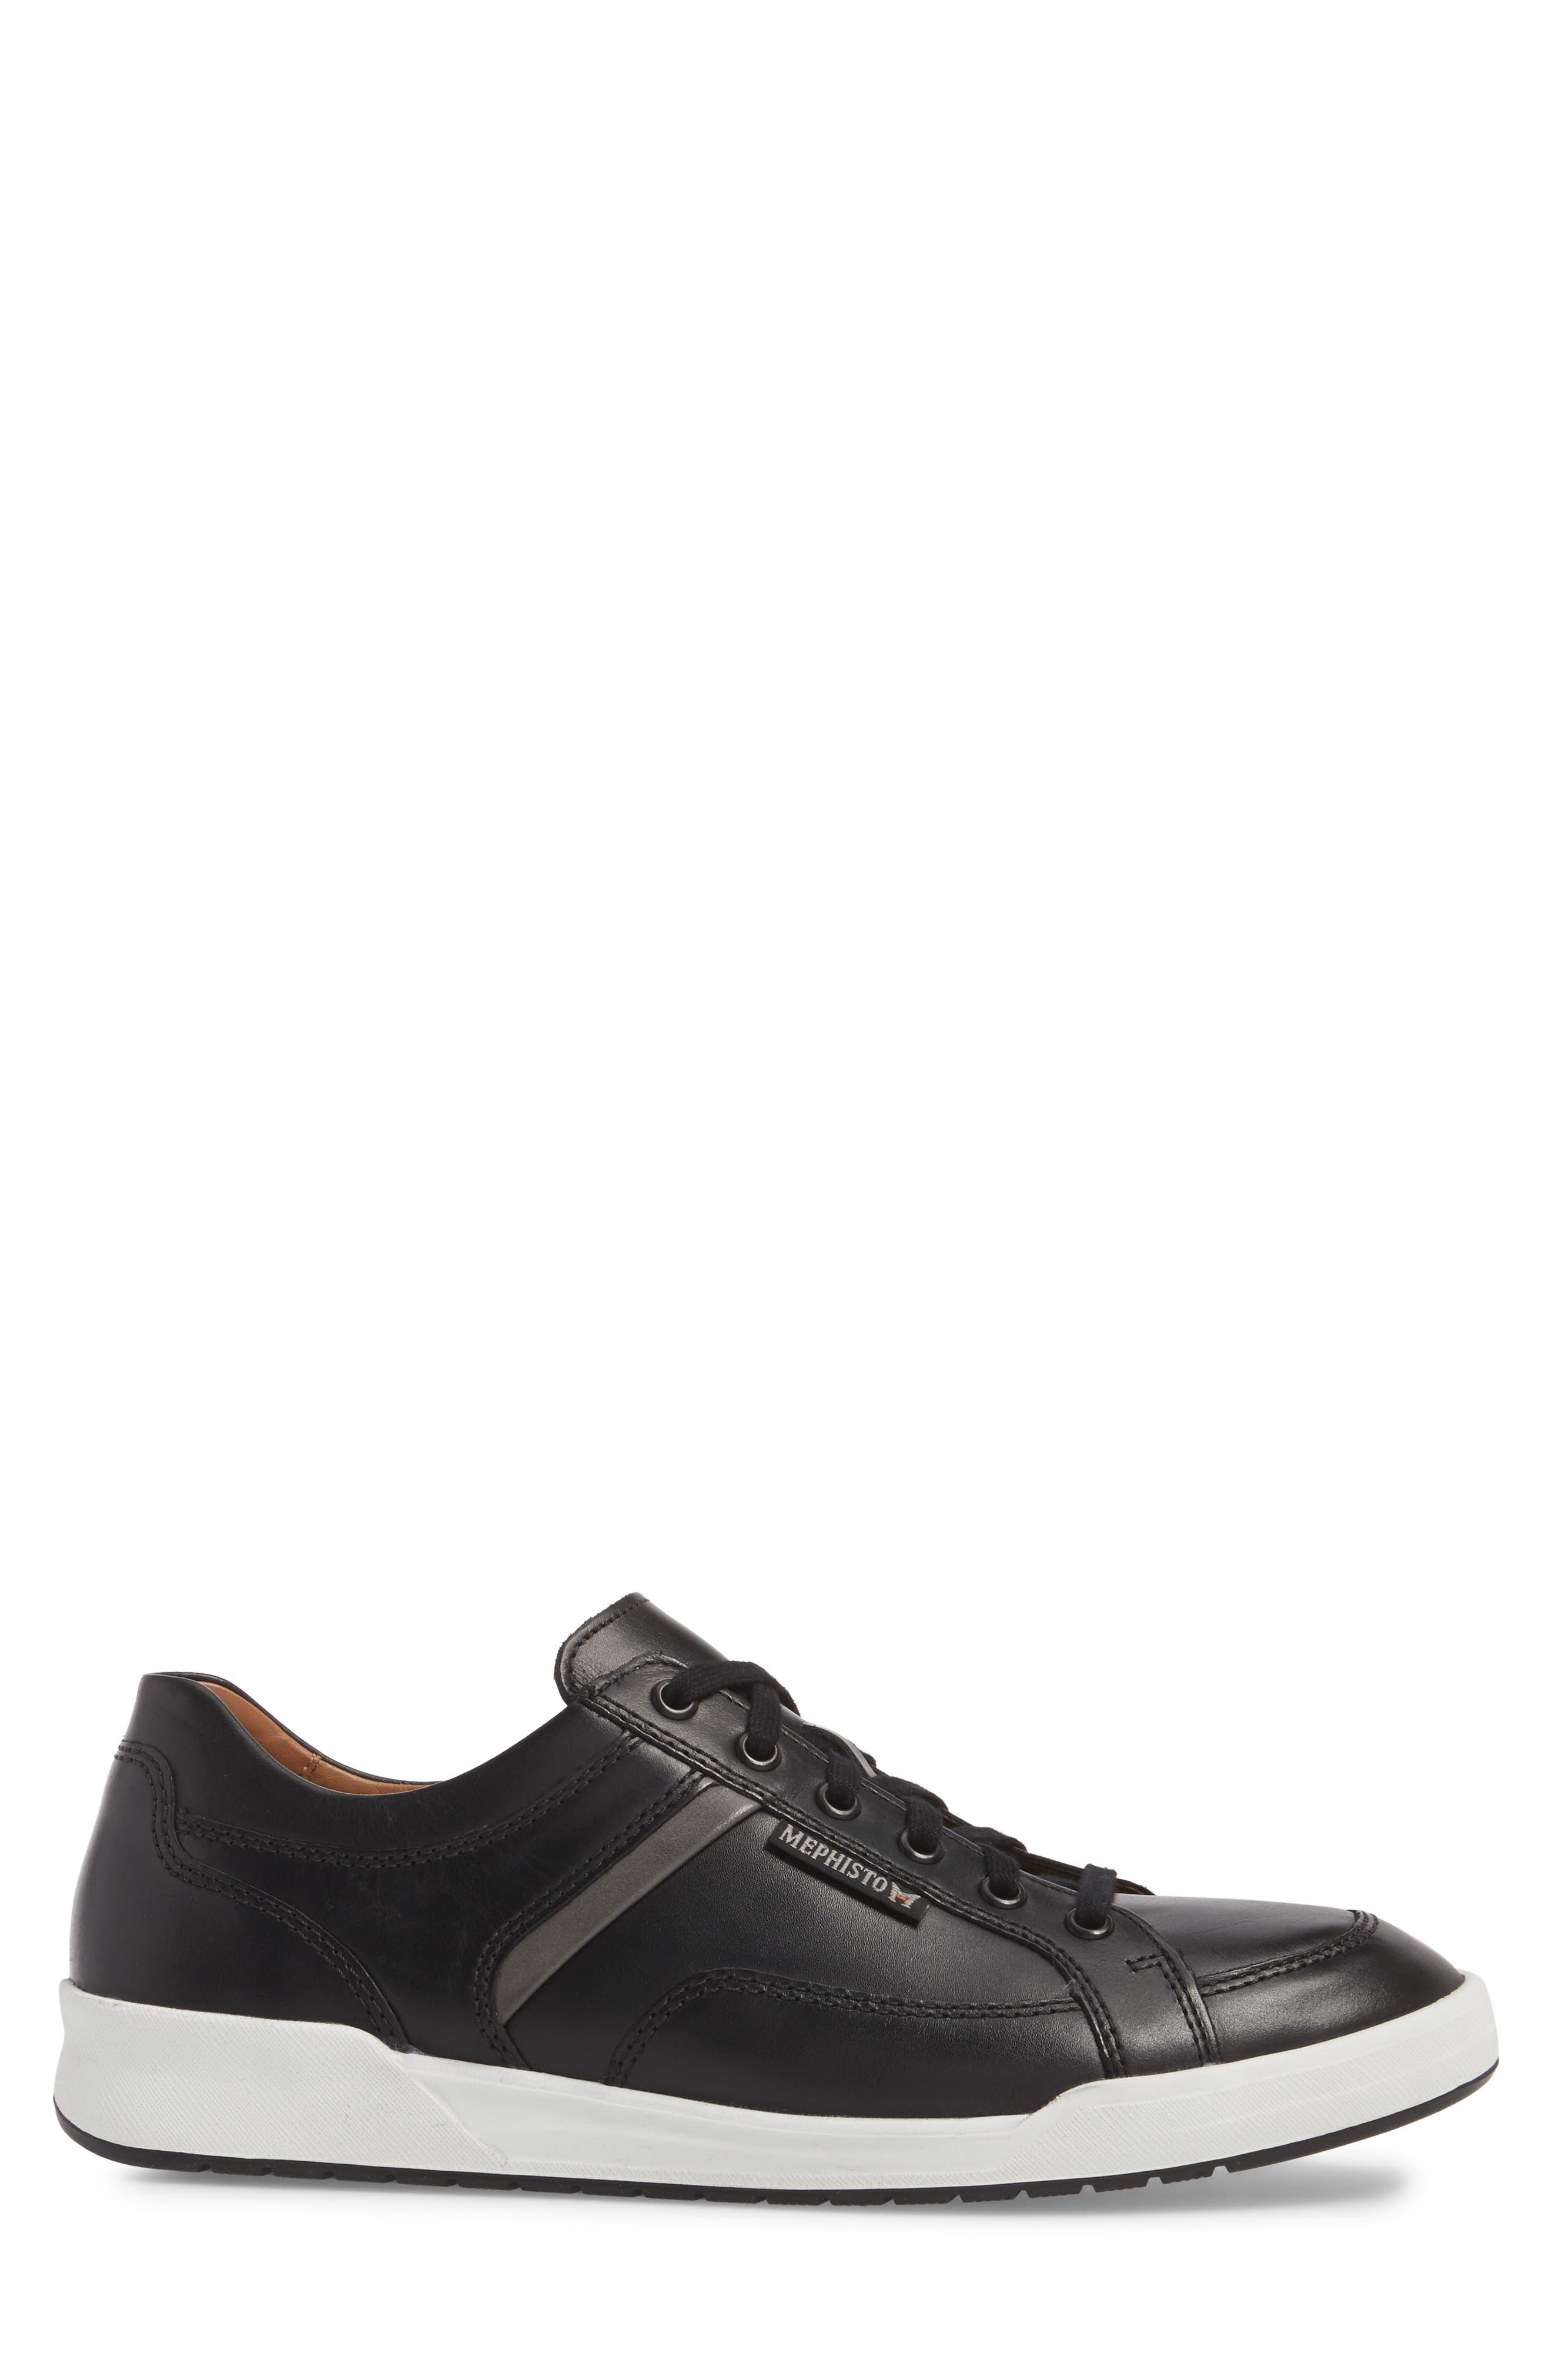 Alternate Image 3  - Mephisto'Rodrigo' Sneaker (Men)